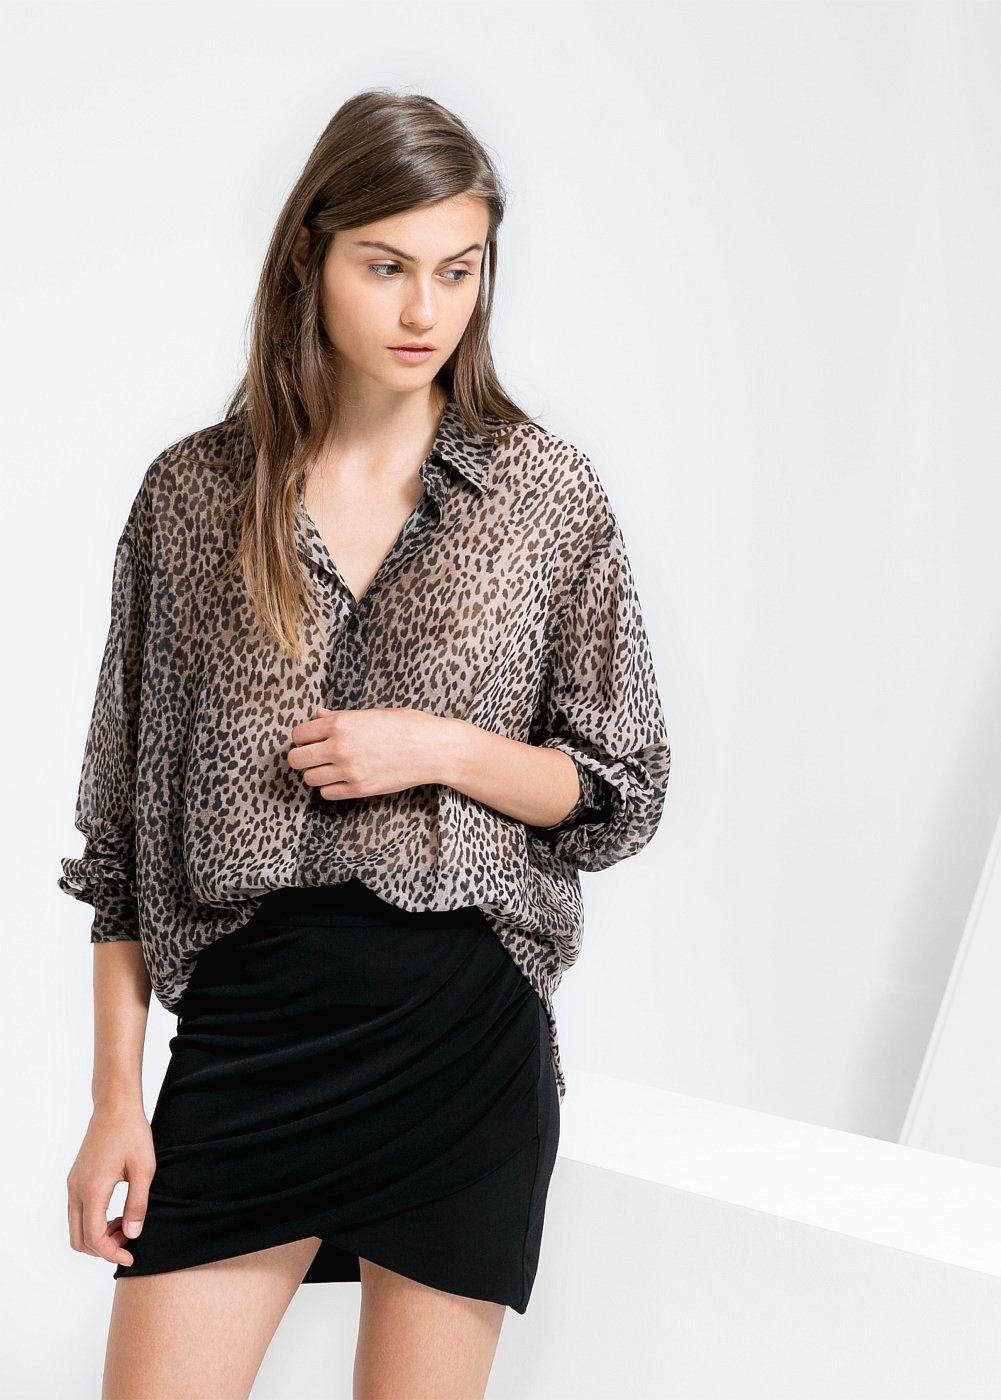 Bluse mit leopardenmuster - Damen   Leopardenmuster, Blusen und ... 8f457d7615